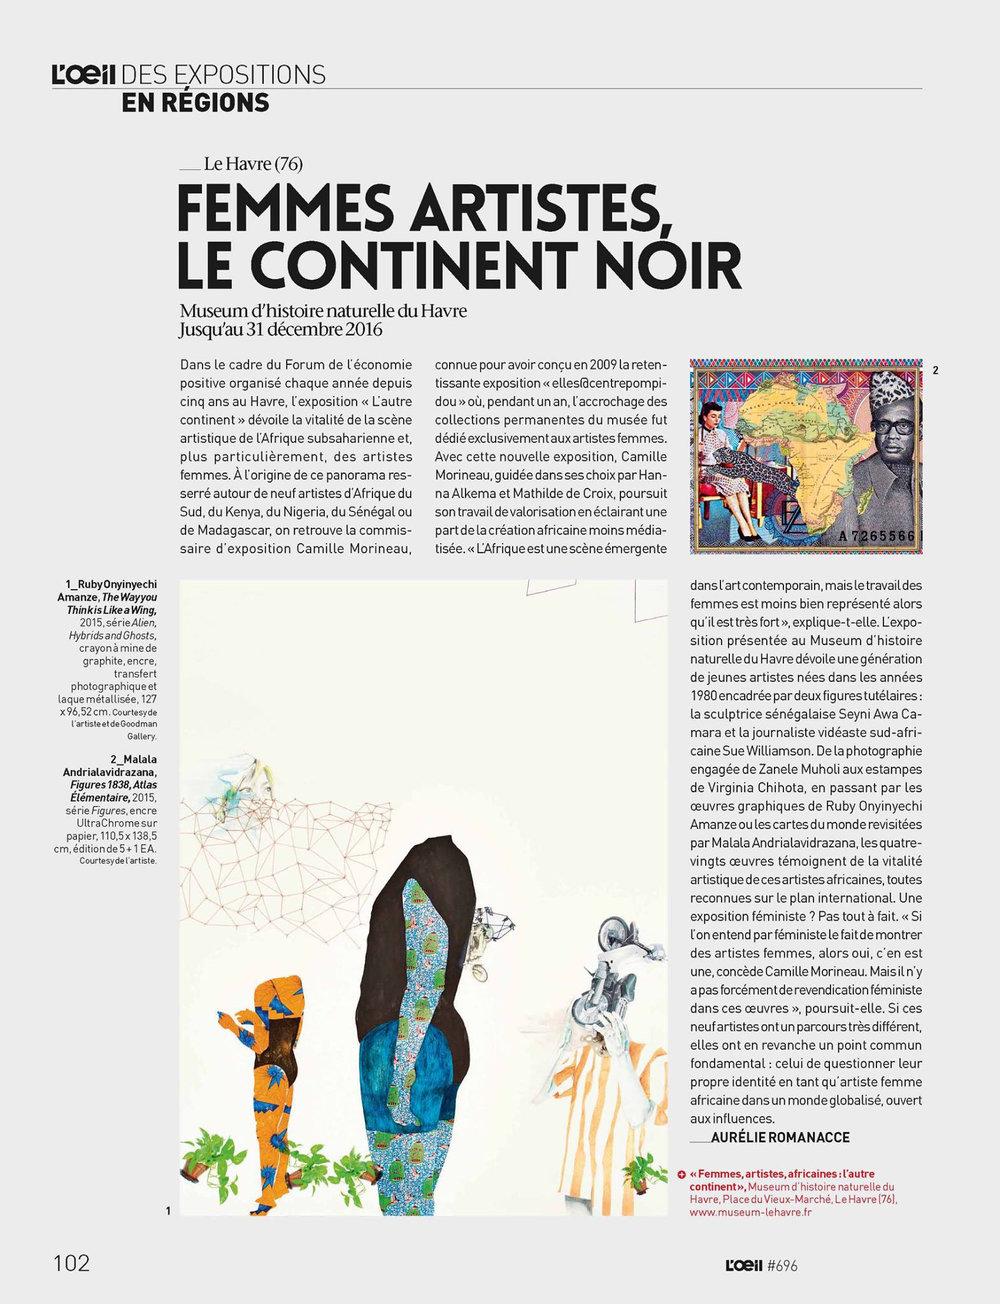 Femmes artistes, le continent noir